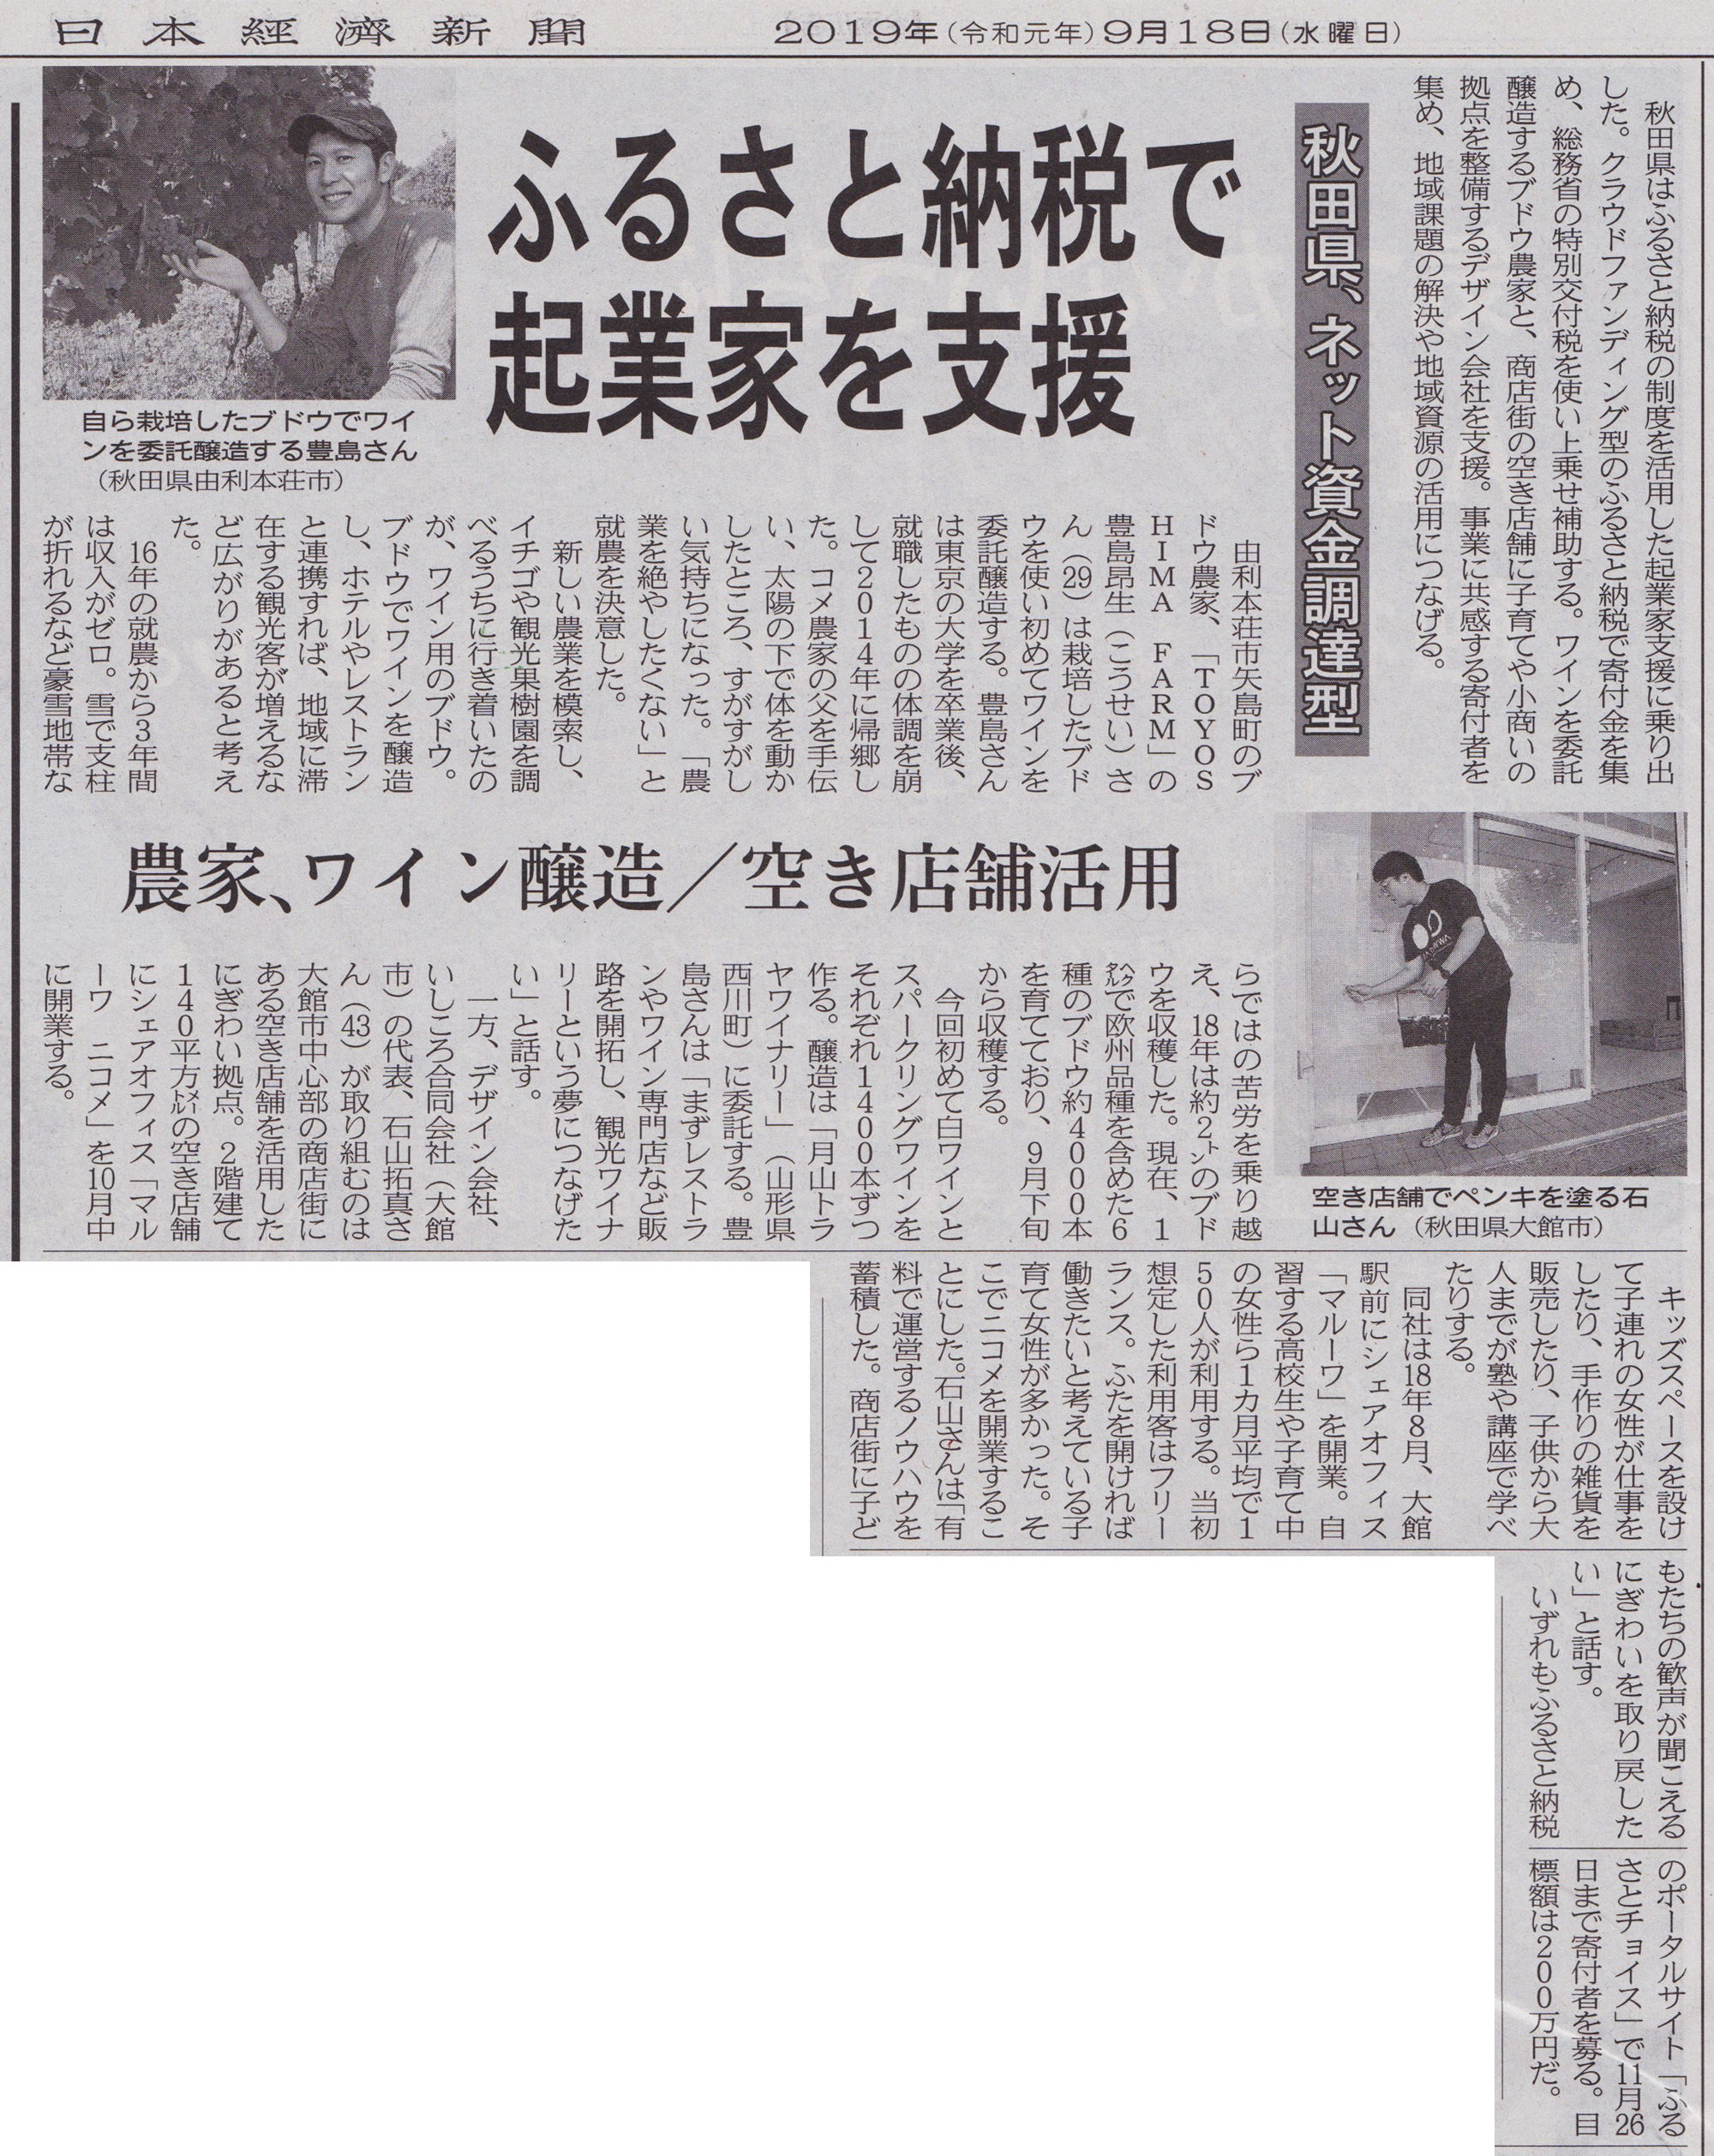 日経新聞「ふるさと納税で起業家を応援」